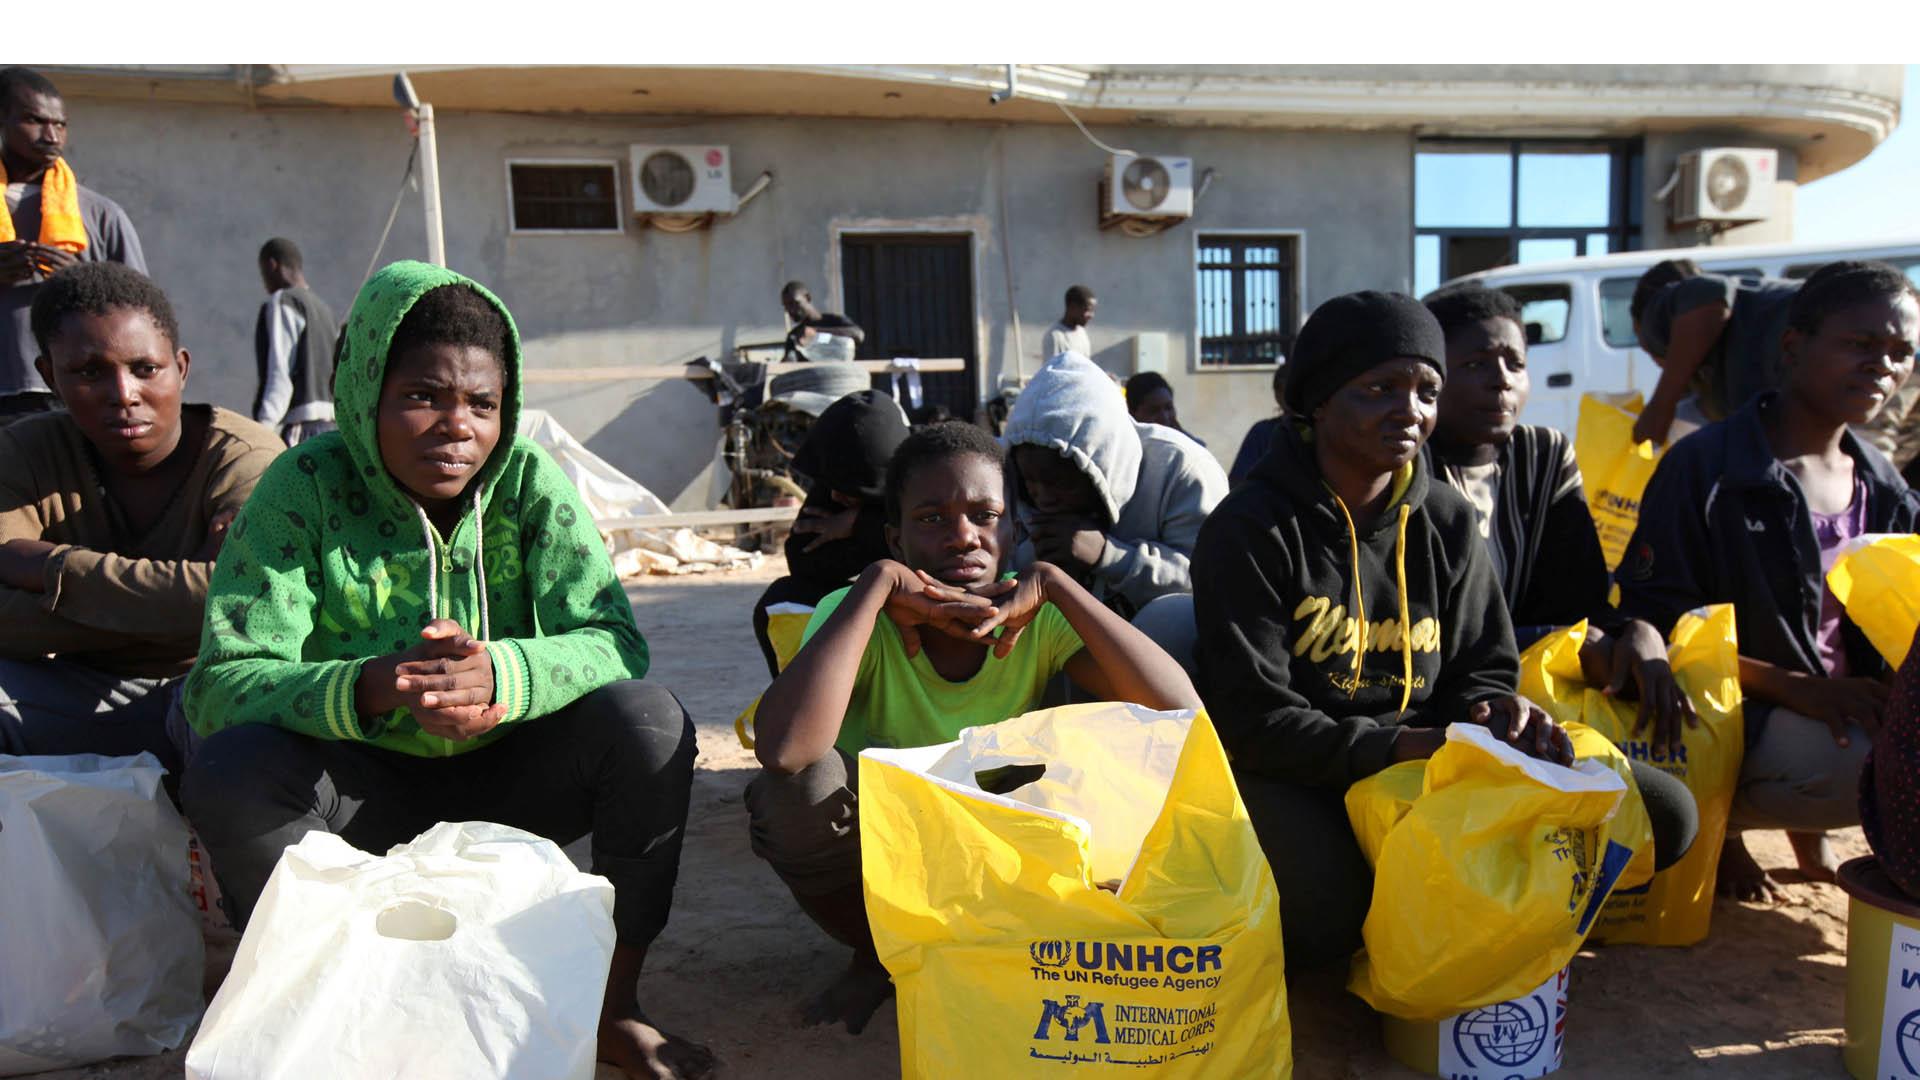 Los migrantes recatados del mar y procedentes de Libia reportaron los abusos que sufrieron antes de llegar a tierra firme